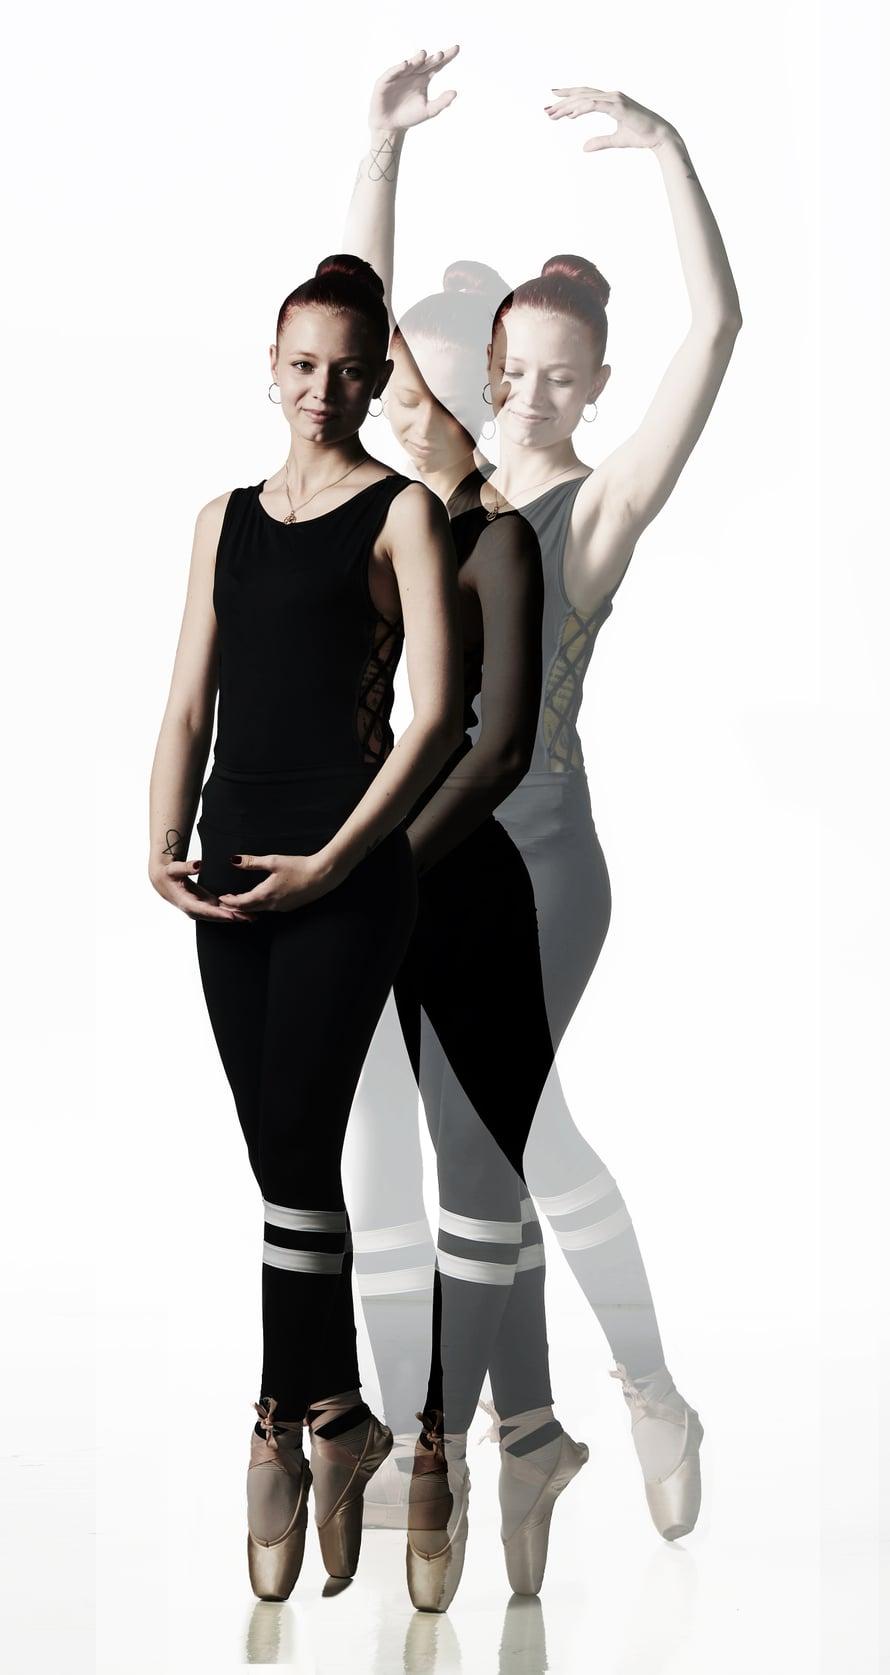 Vielä viisi vuotta sitten Jenni oli lahjakas ballerina, jota odotti koe-esiintyminen Suomen Kansallisbaletissa.